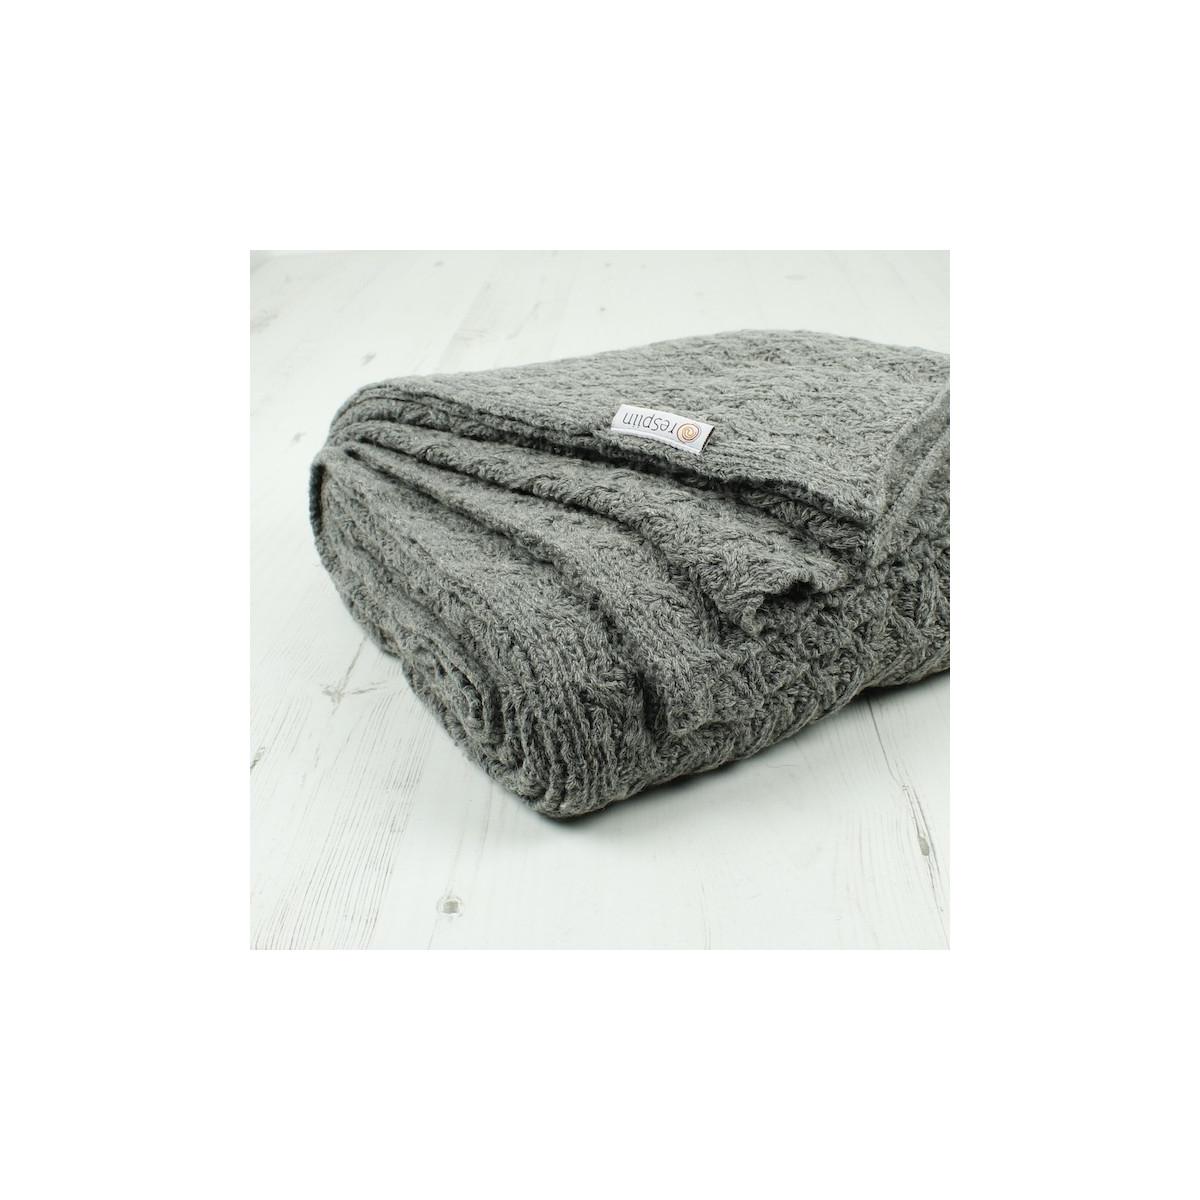 73e347552ba5 Couverture tricotée en laine recyclée Gris clair - 130 x 170 cm - SeBio